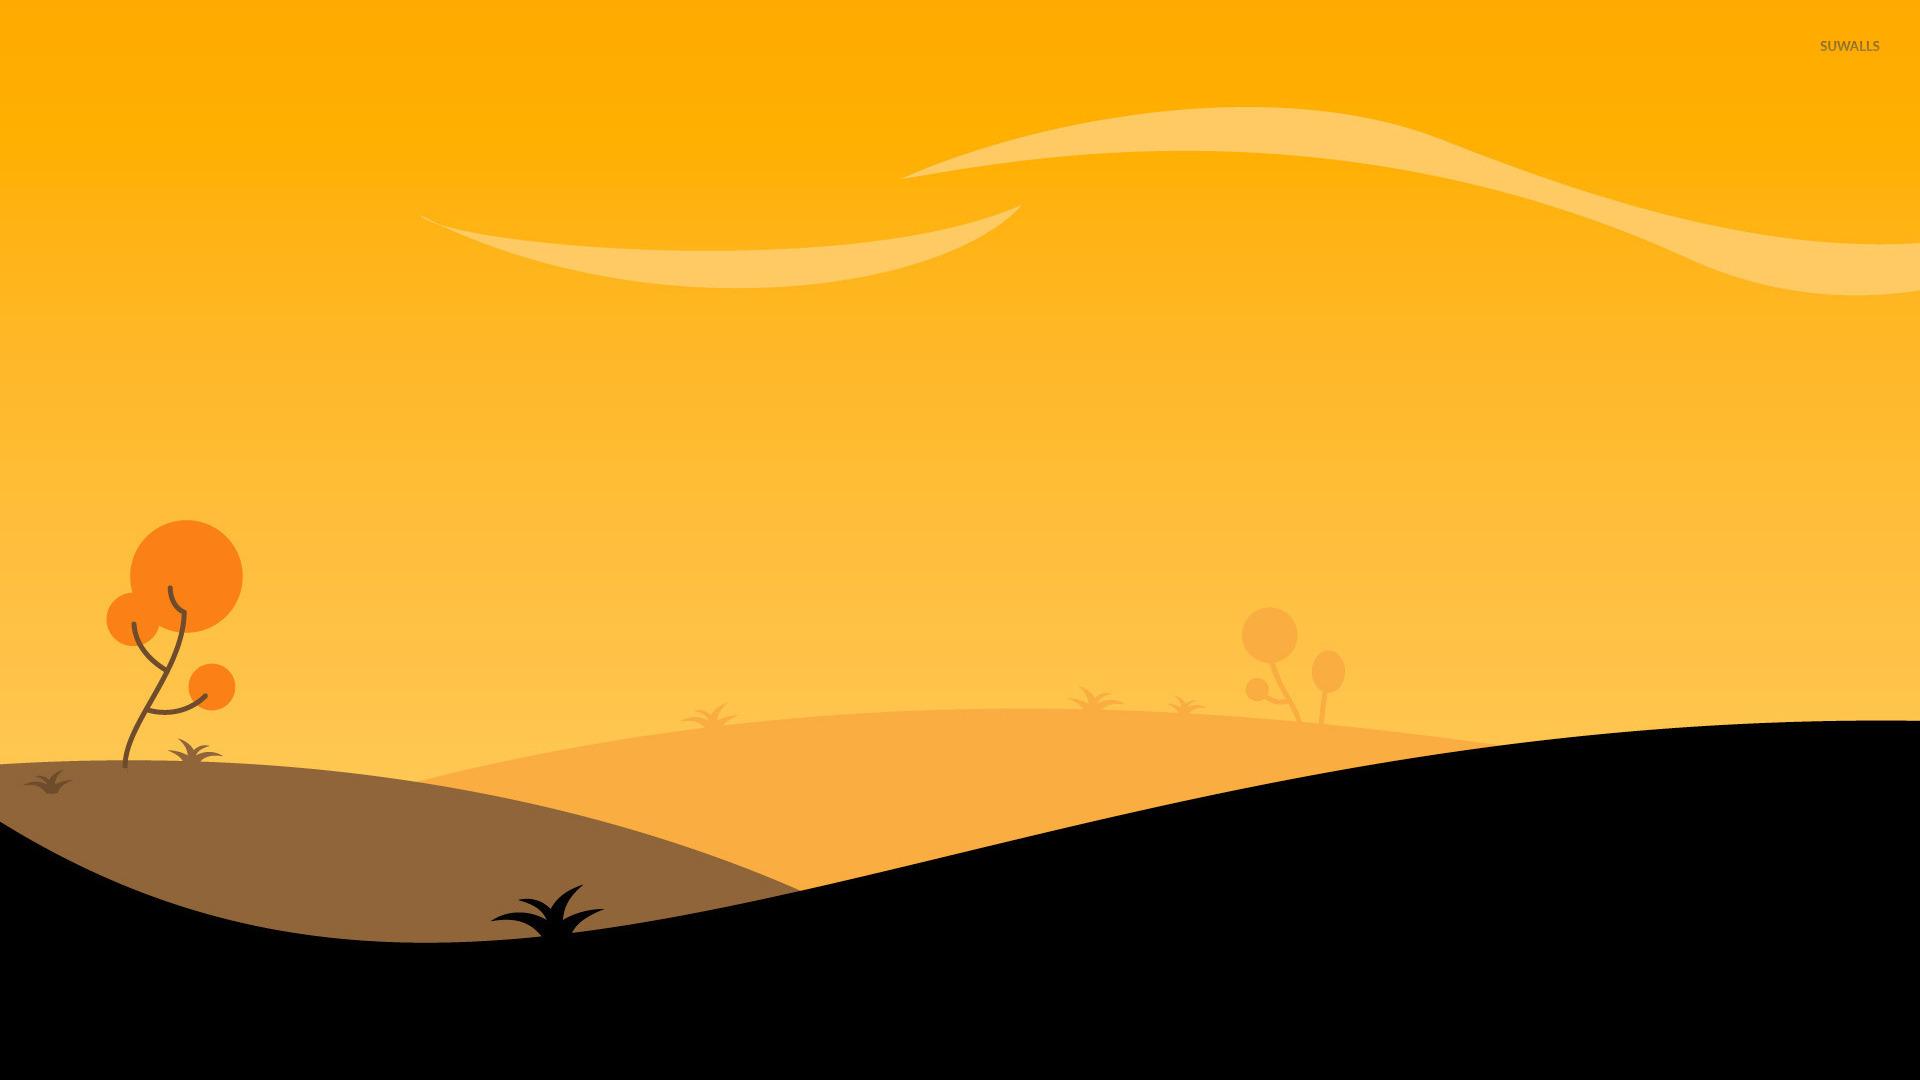 Fall Desktop Mountain Wallpaper Desert 4 Wallpaper Vector Wallpapers 23918